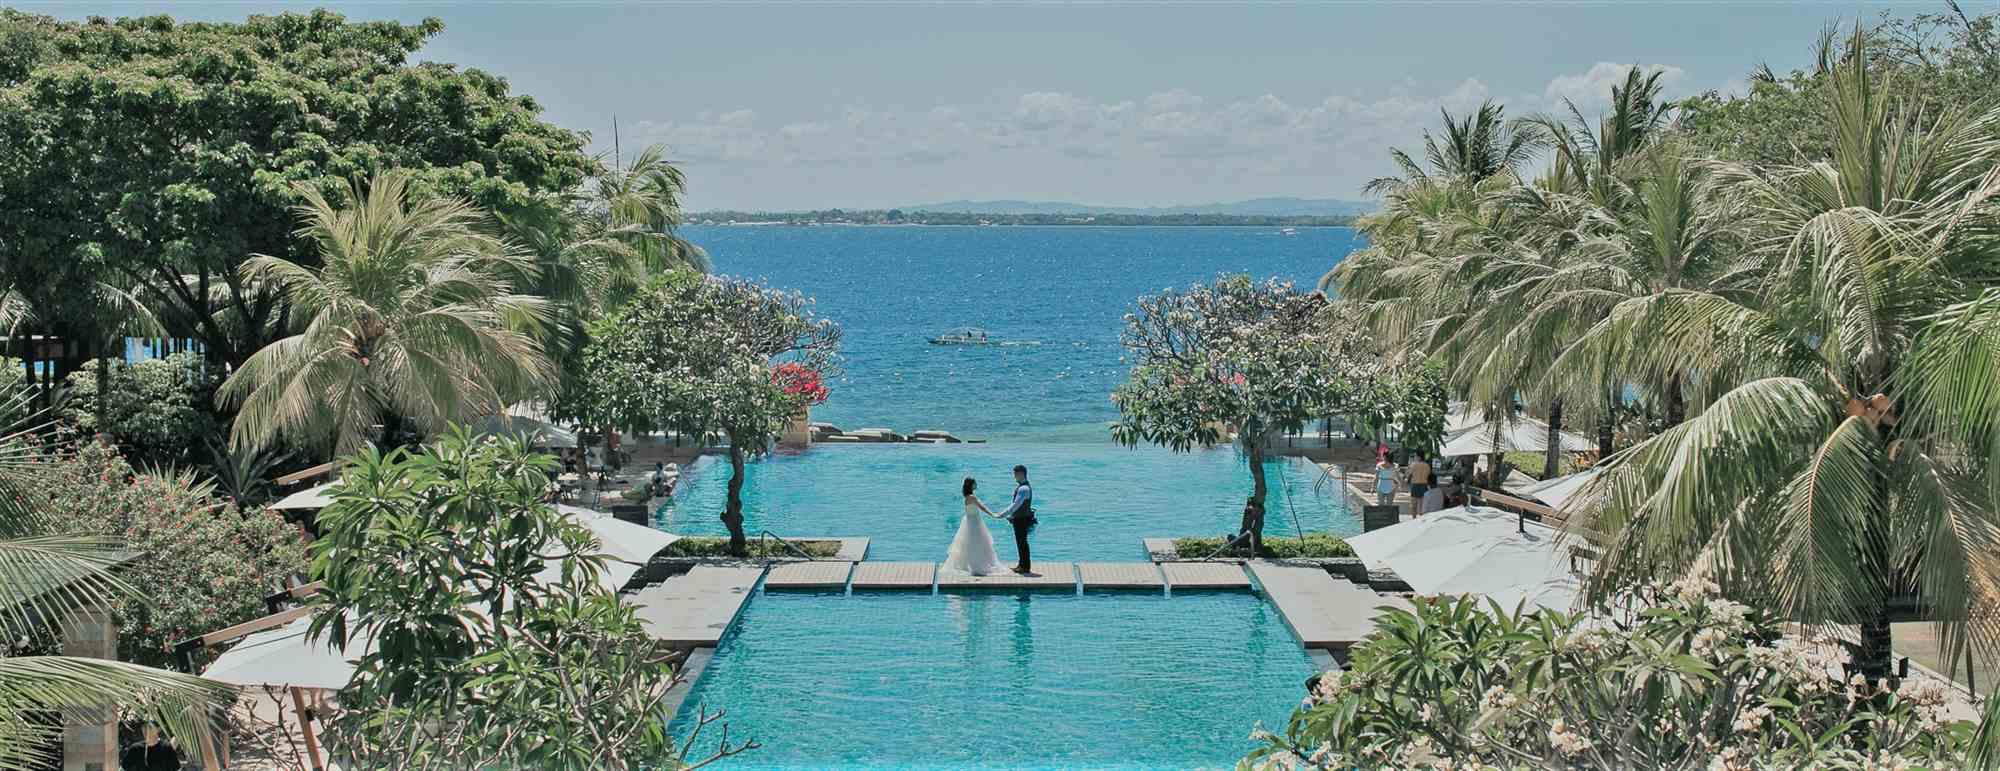 セブ島インフィニティ・プールウェディング・フォトCrimson Resort&Spa Mactan Garden Wedding~クリムゾン・リゾート&スパ・ガーデン挙式